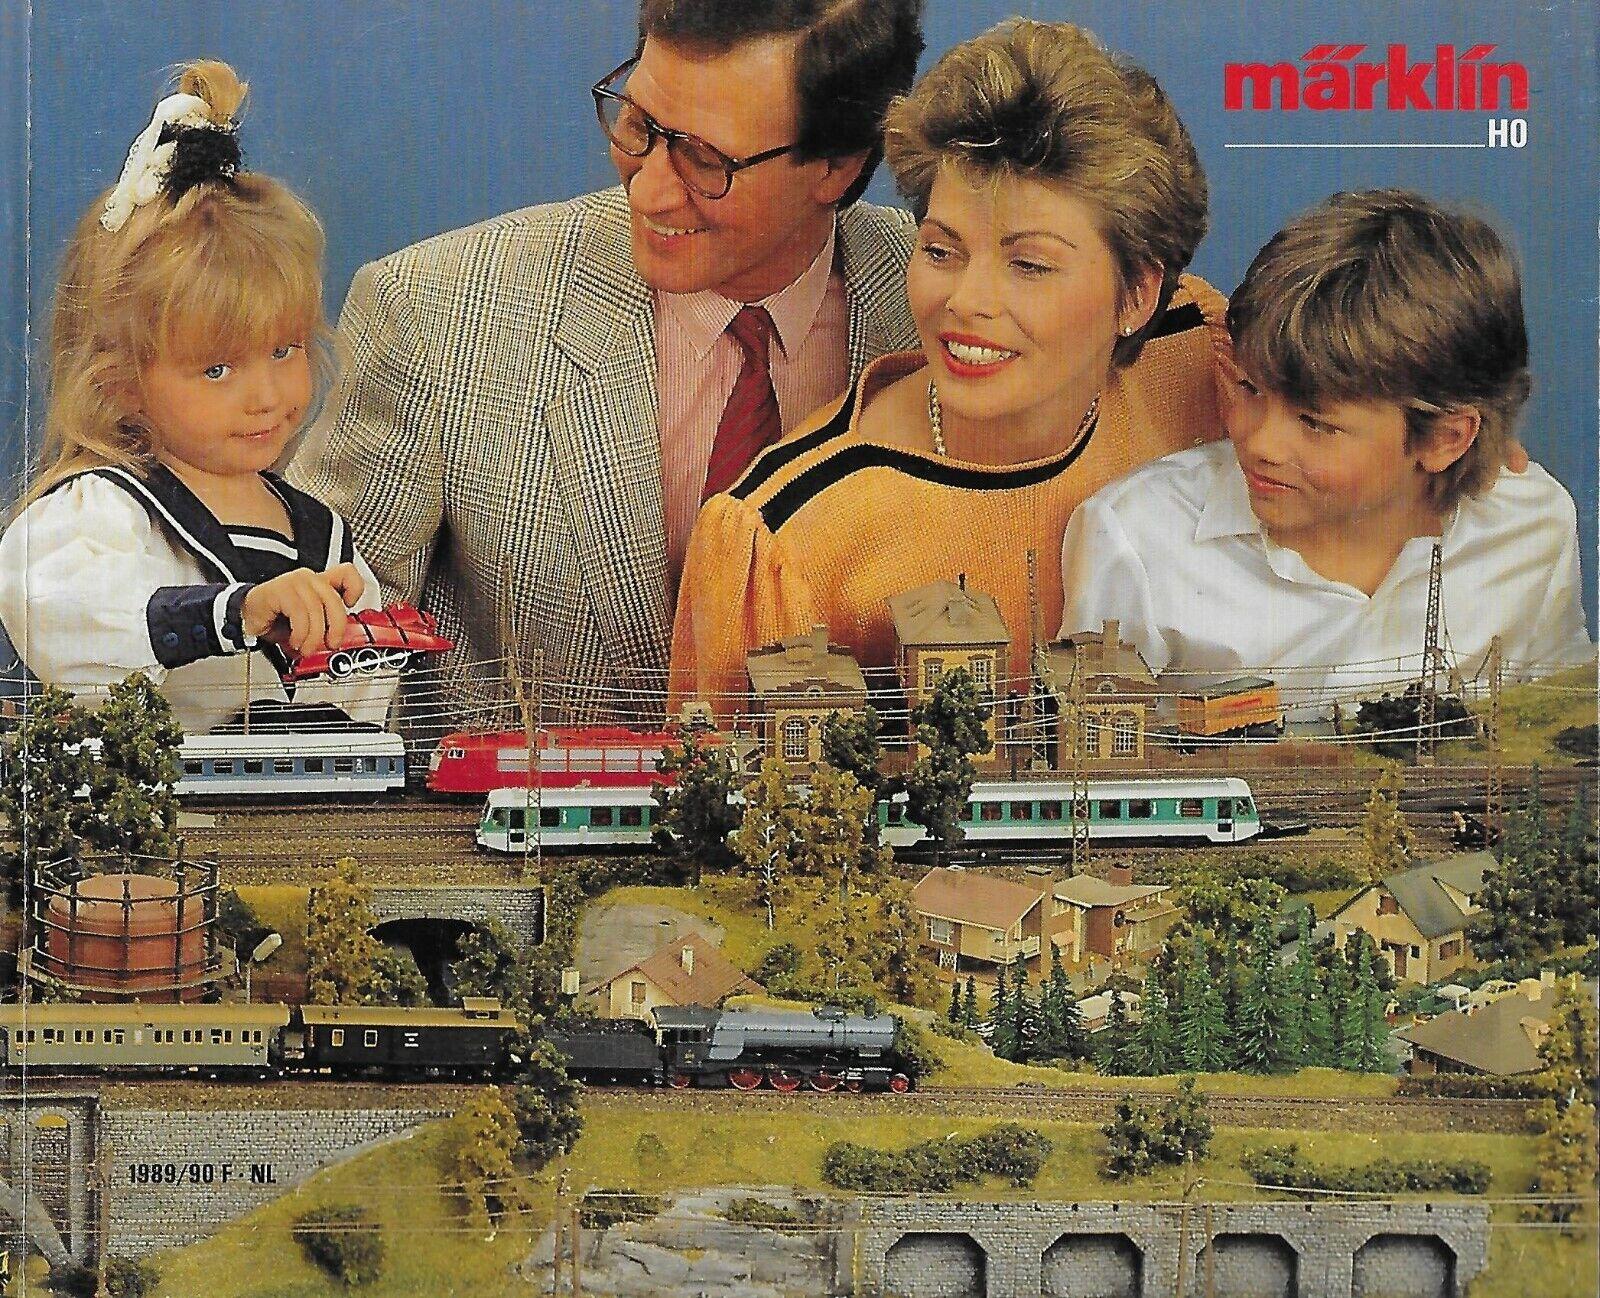 MARKLIN CATALOGUE   1989-90 - MODELISME FERROVIAIRE HO + COUPON - EN FRANCAIS